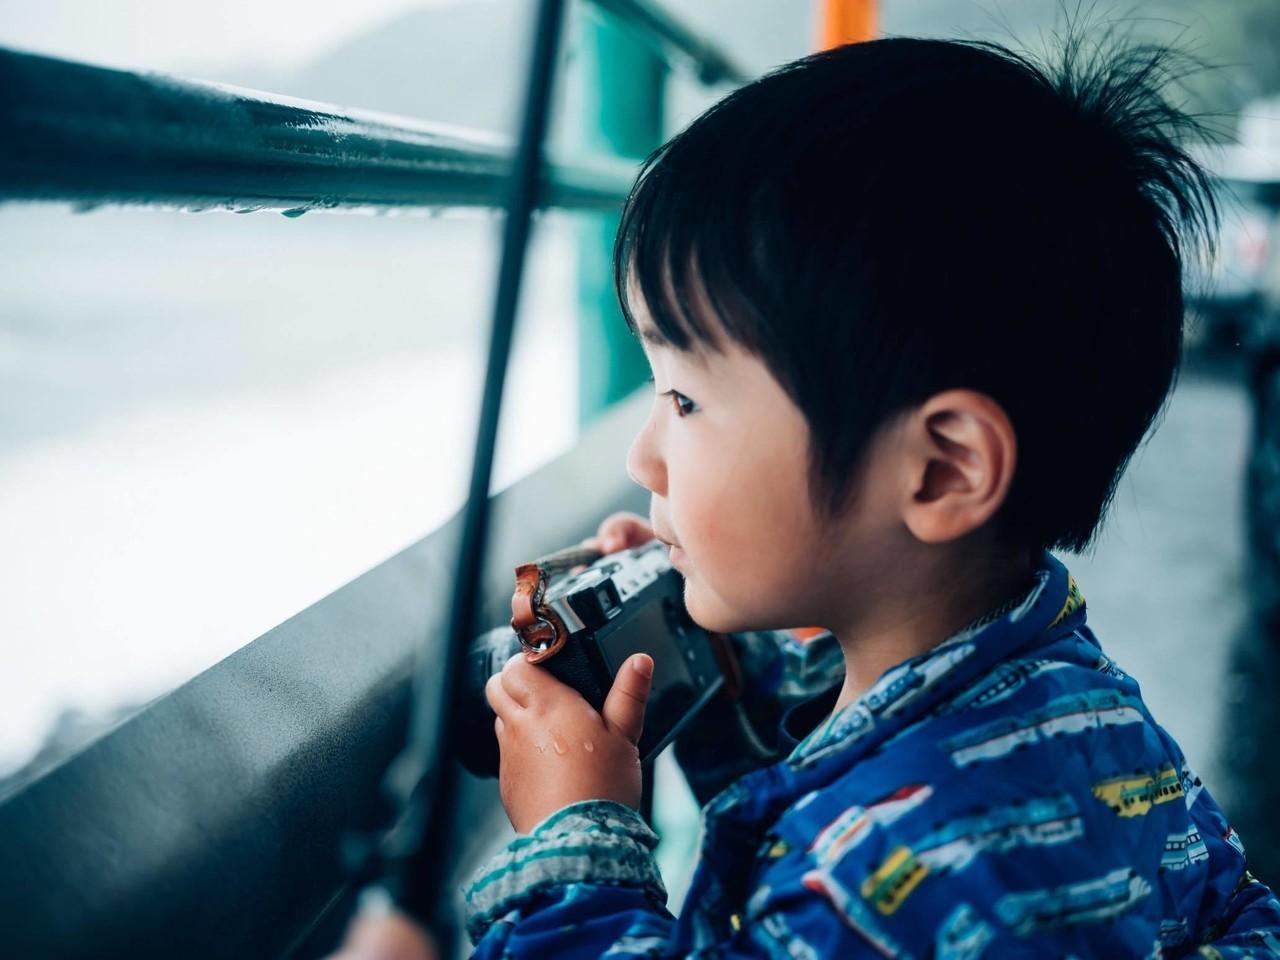 幡野広志さんのnote 2019年6月17日投稿「3歳の誕生日。」より